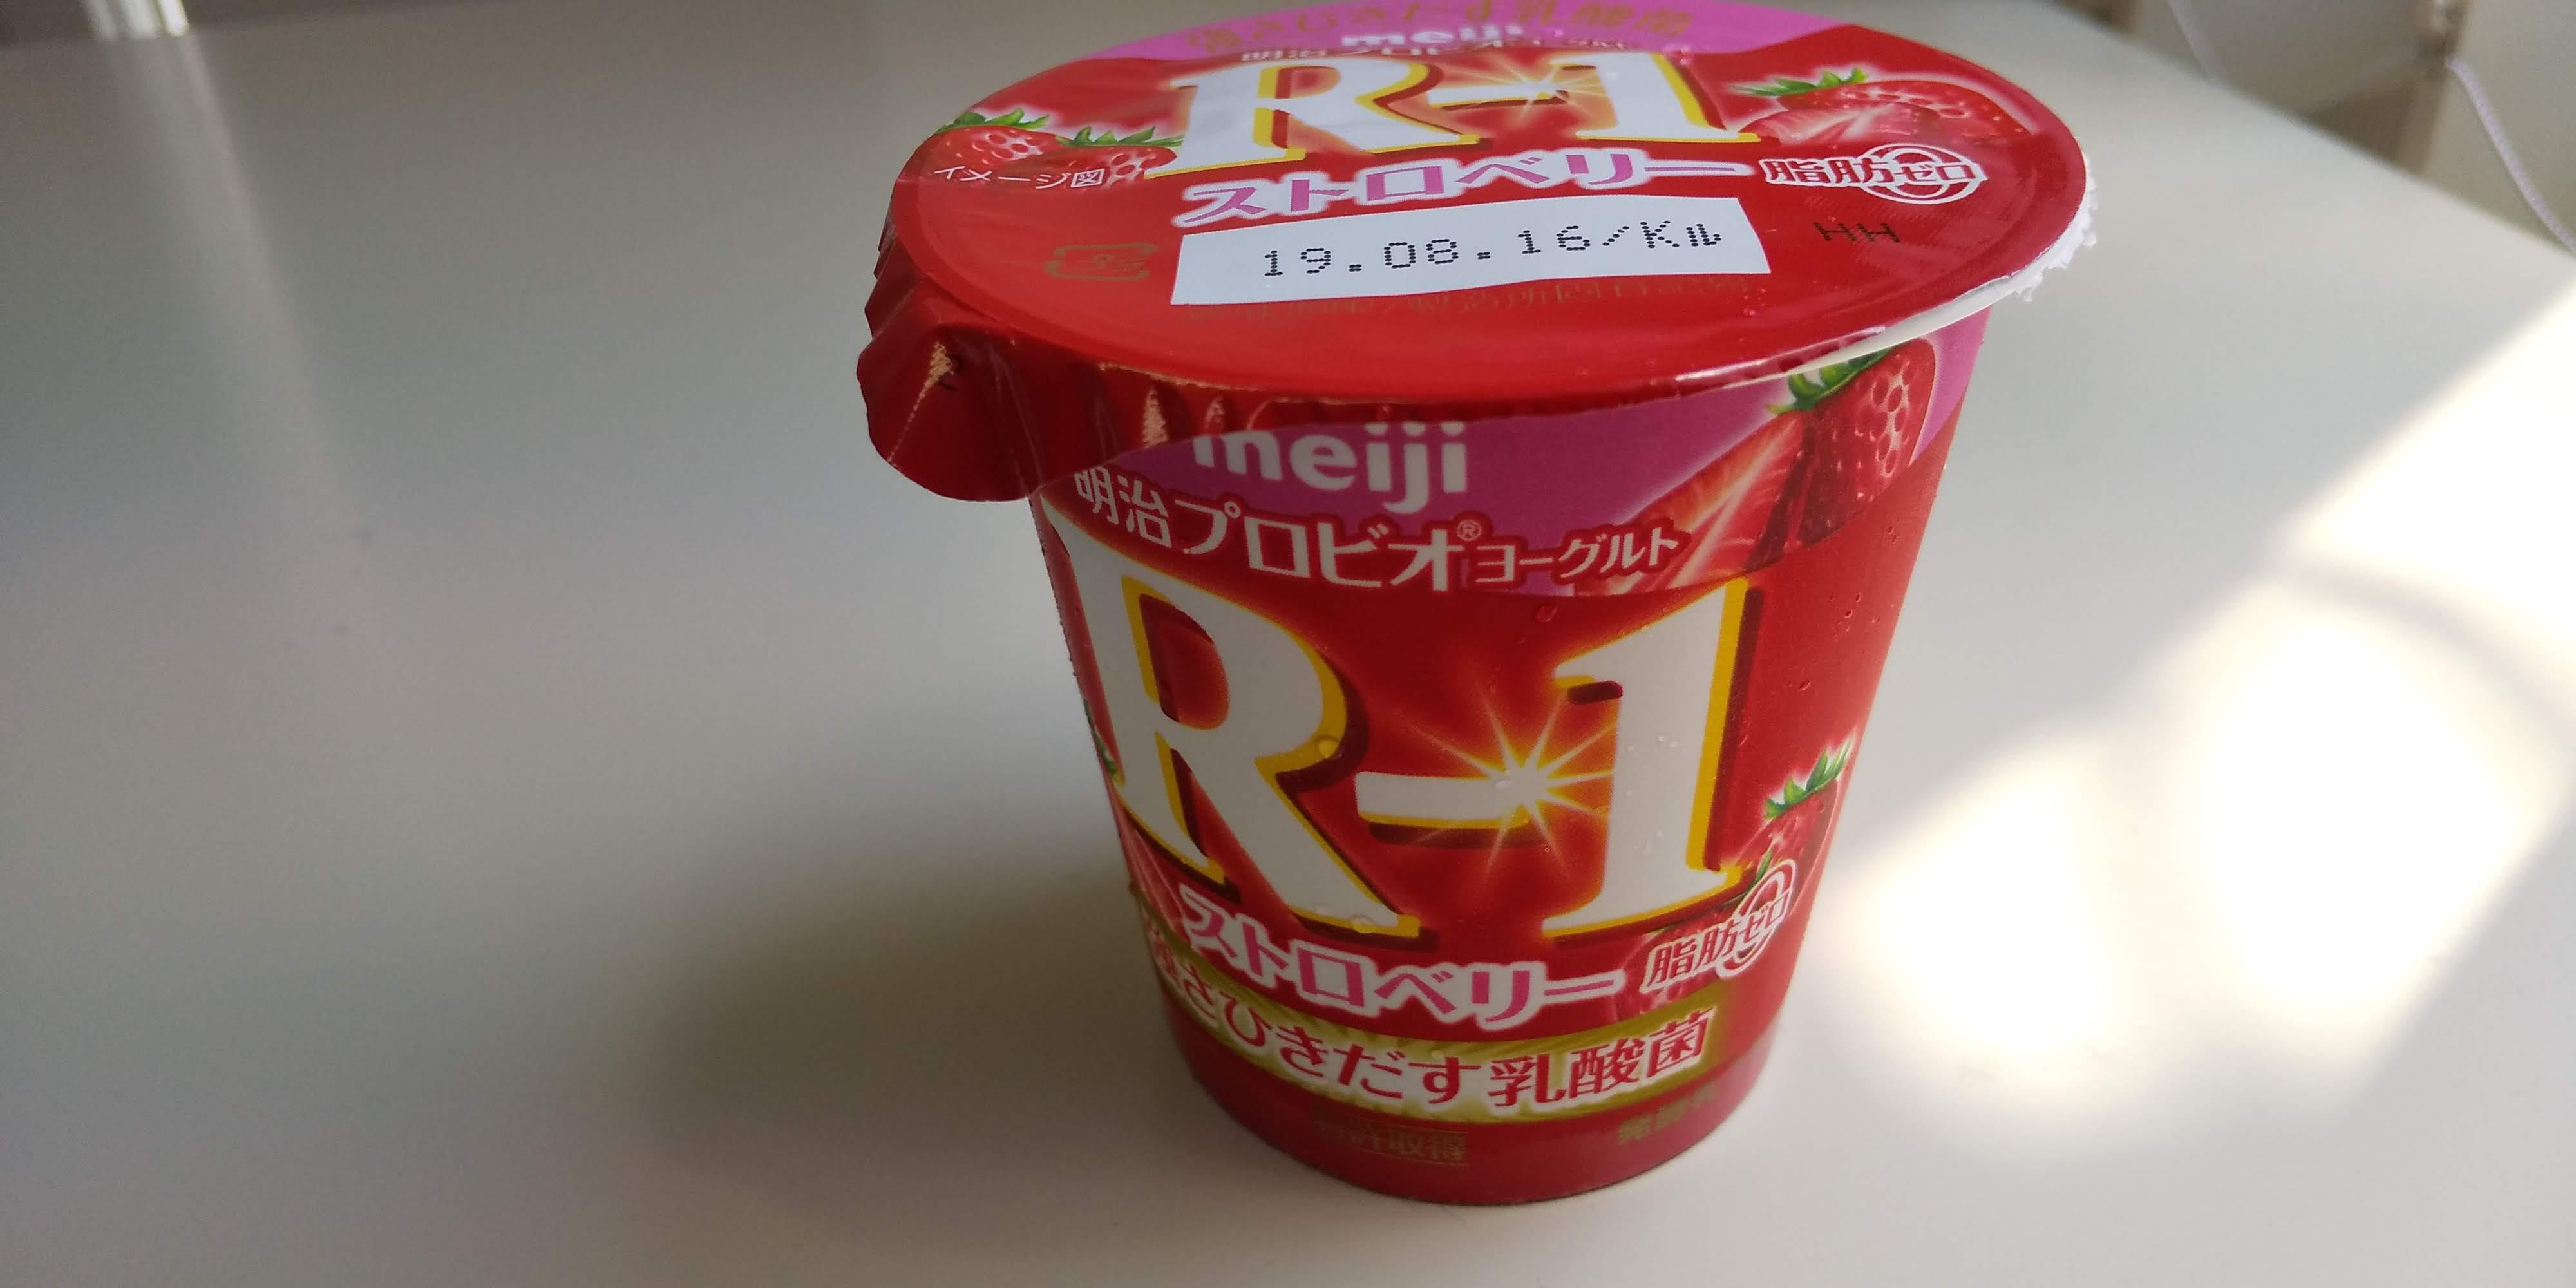 明治【プロビオヨーグルトR-1ストロベリー脂肪ゼロ】